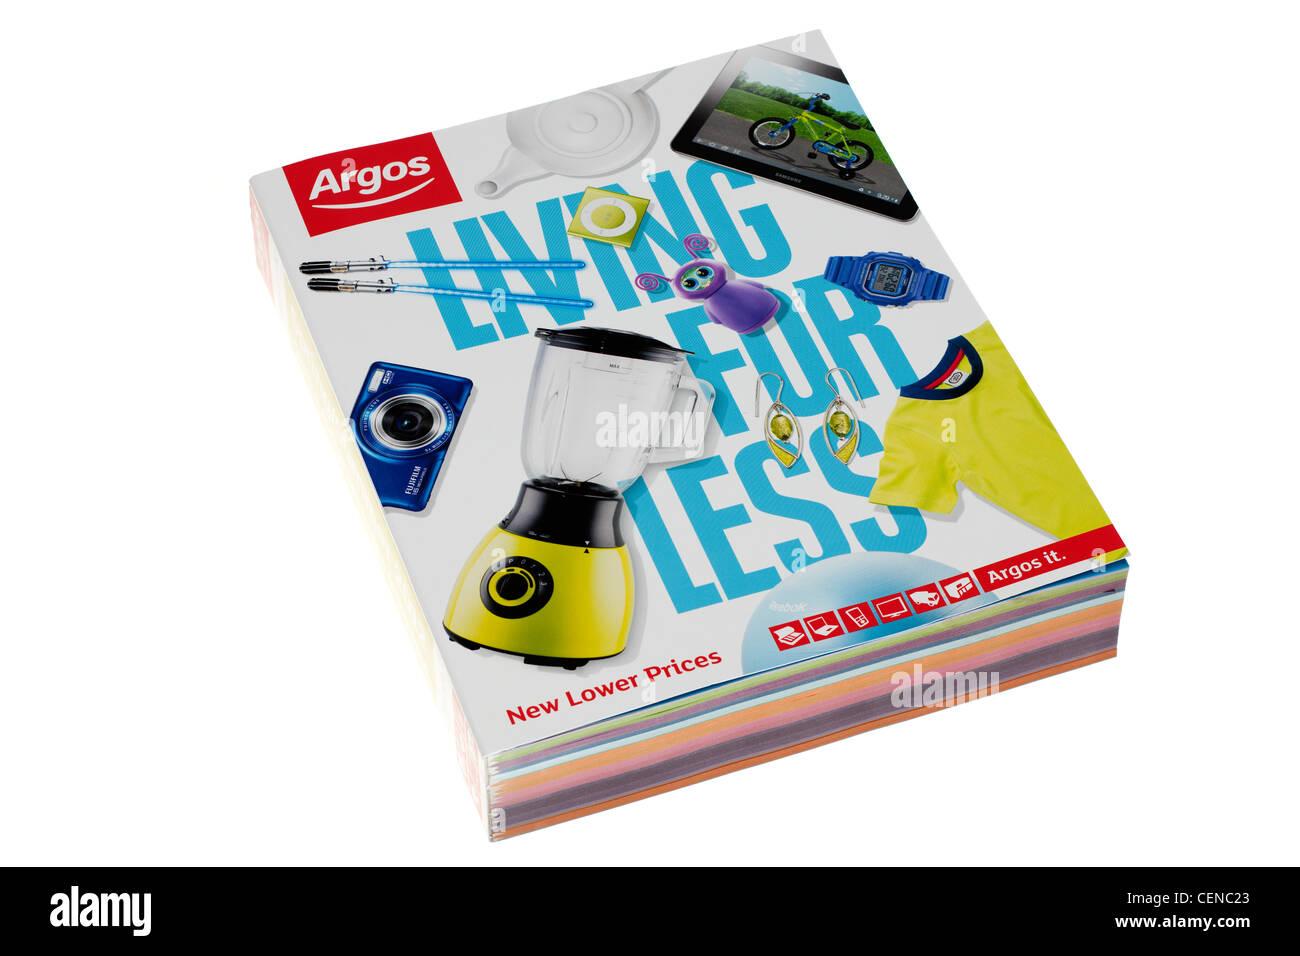 White apron argos - Argos Catalog Spring Summer 2012 Stock Image